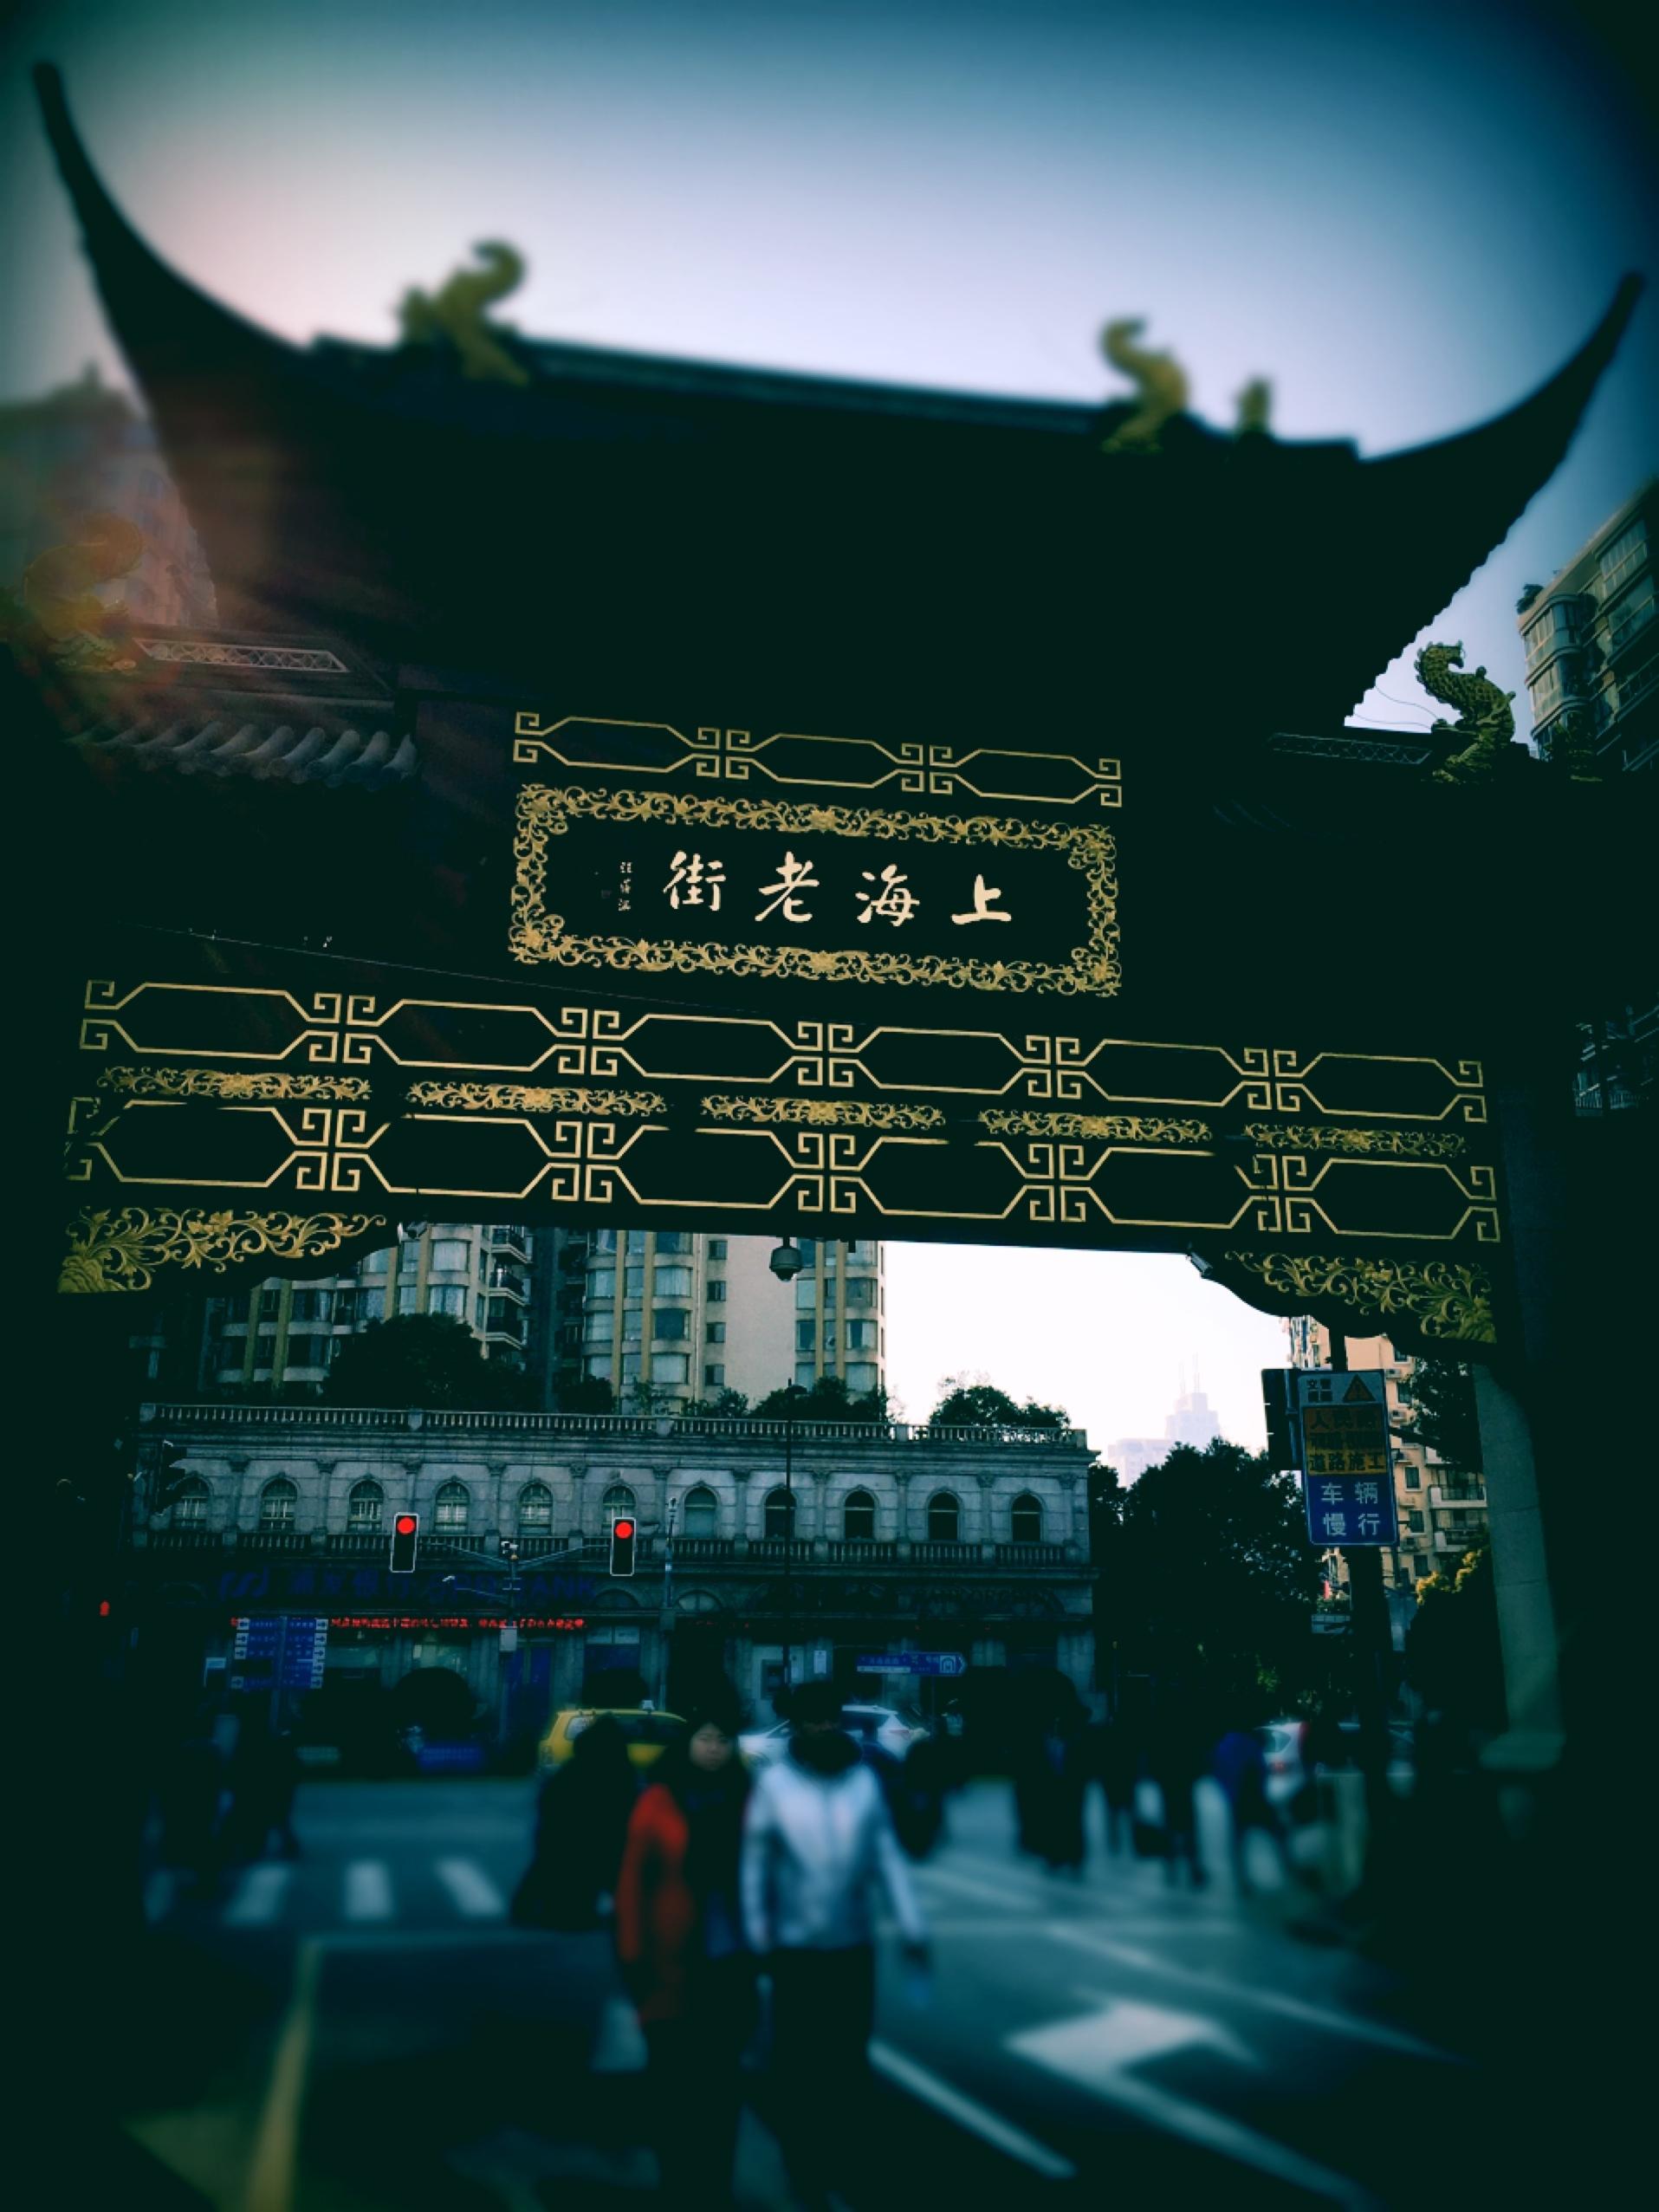 上海老街_1_1